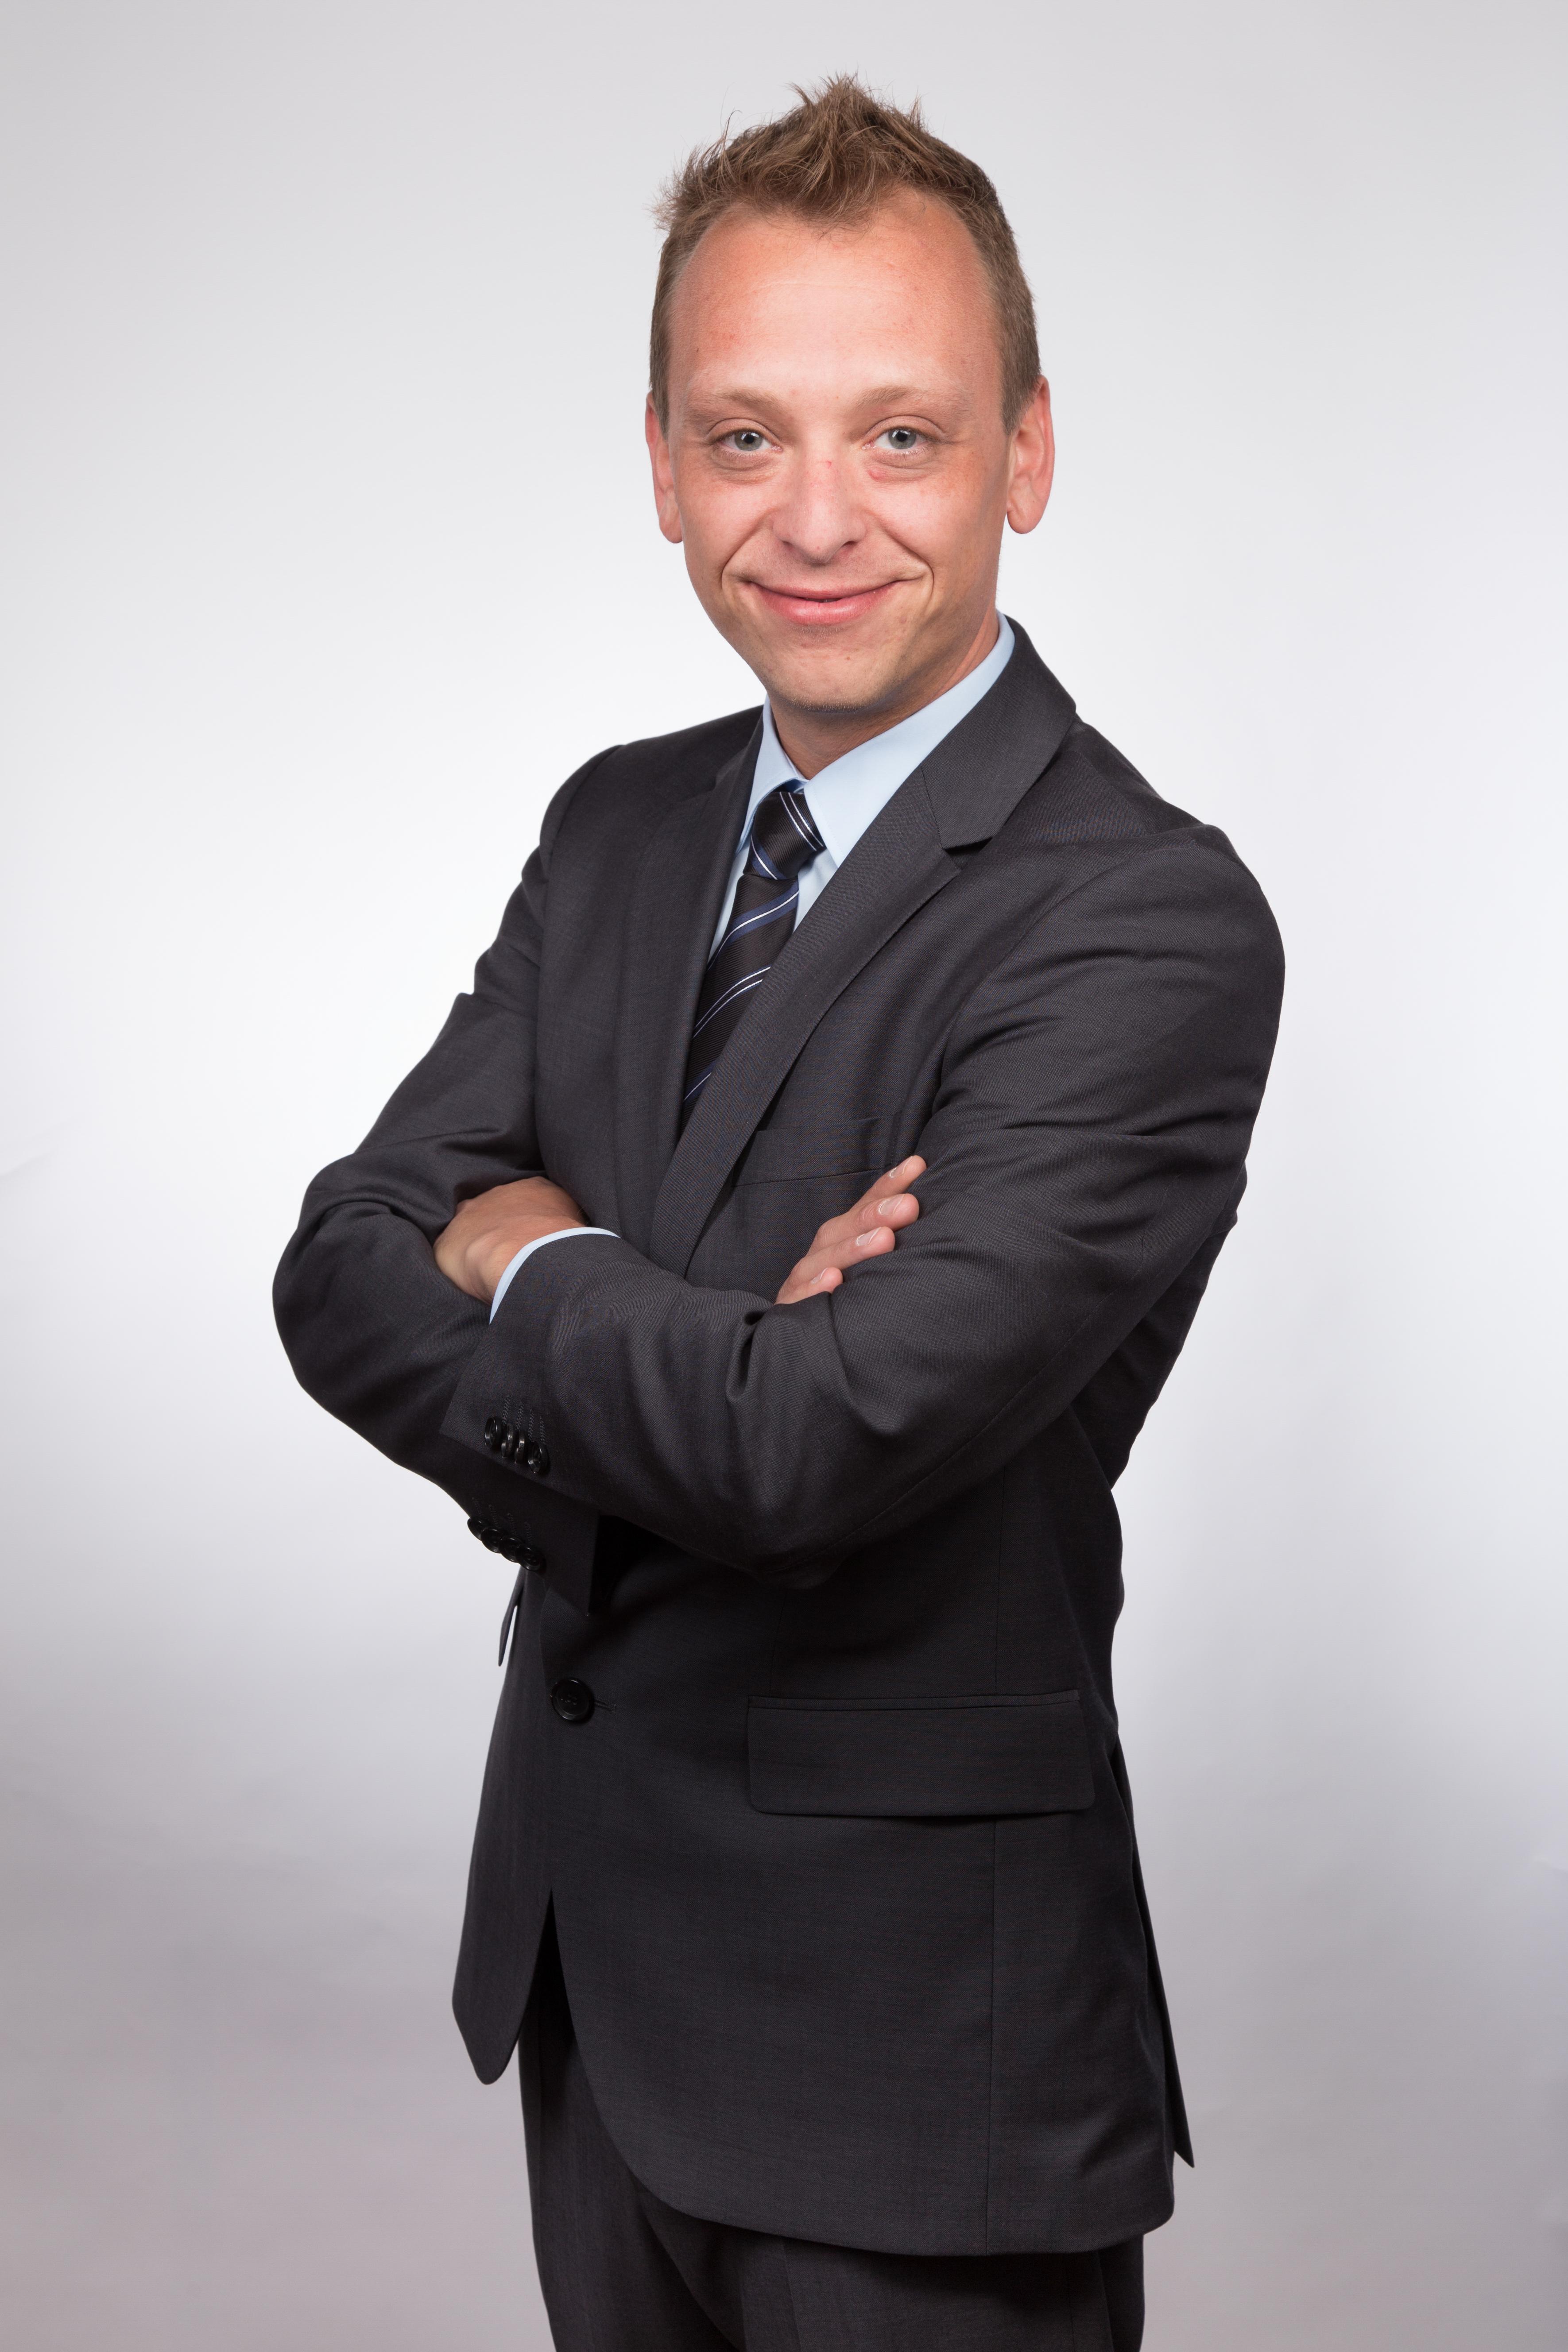 Carsten Wilms